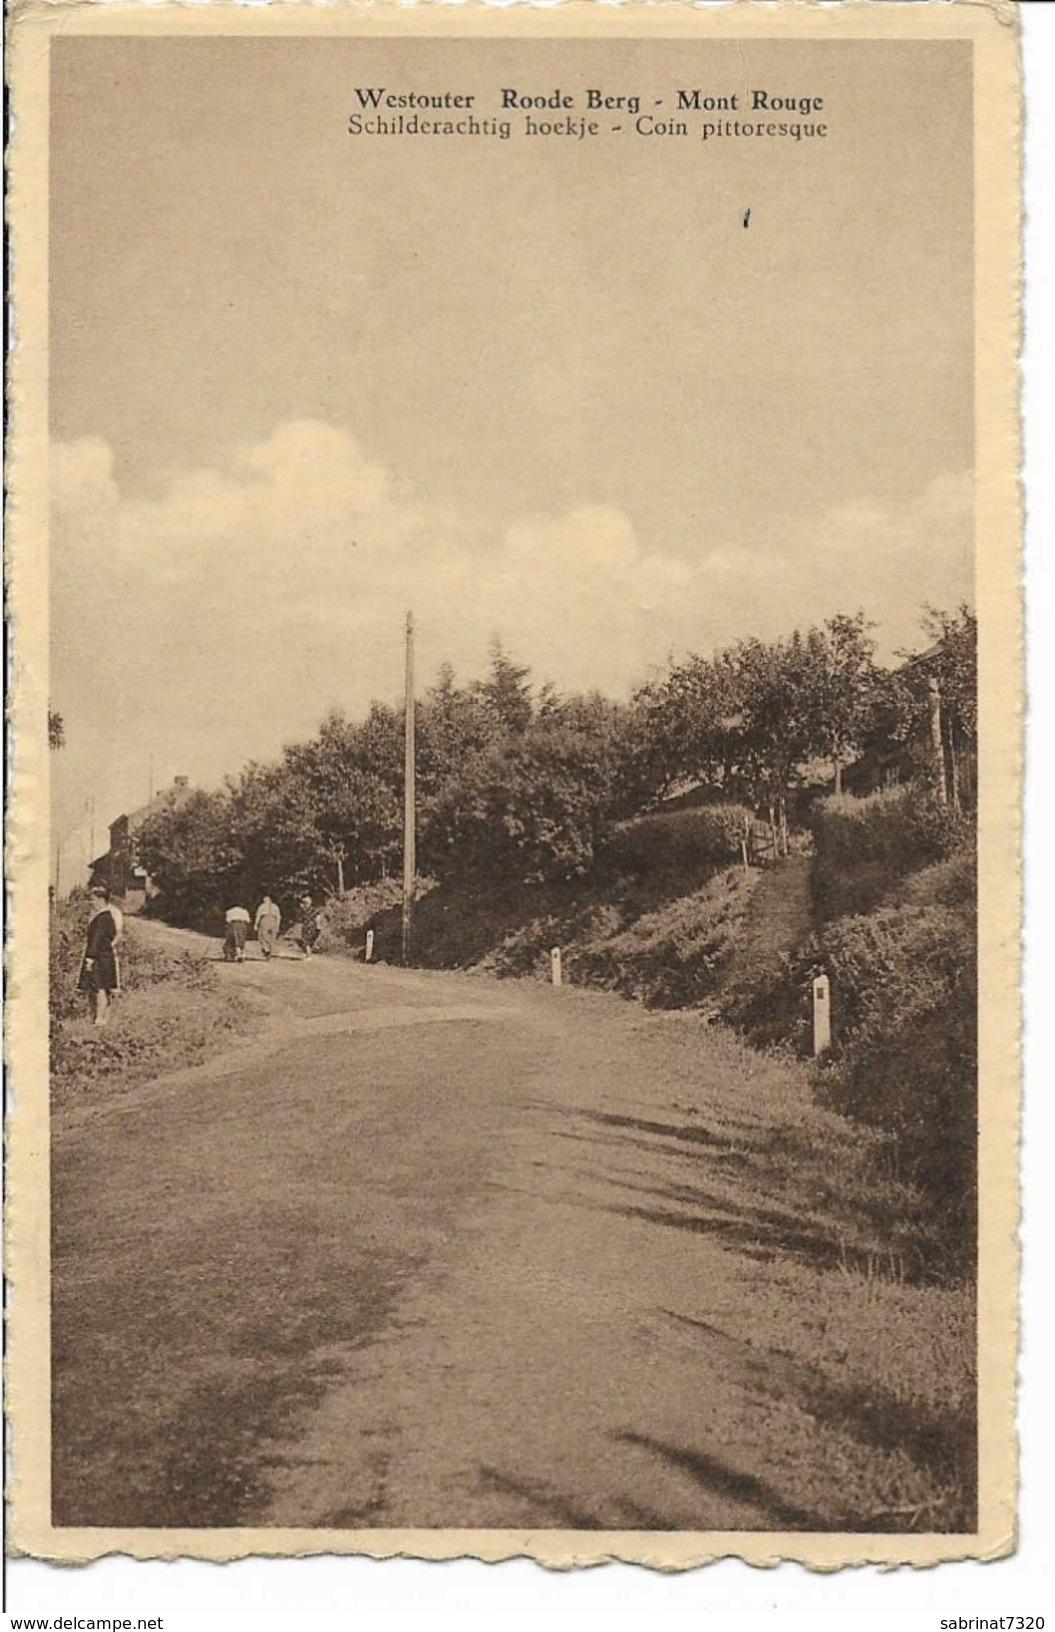 Westouter Roode Berg Mont Rouge Schilderachtig Hoekje Coin Pittoresque - Heuvelland